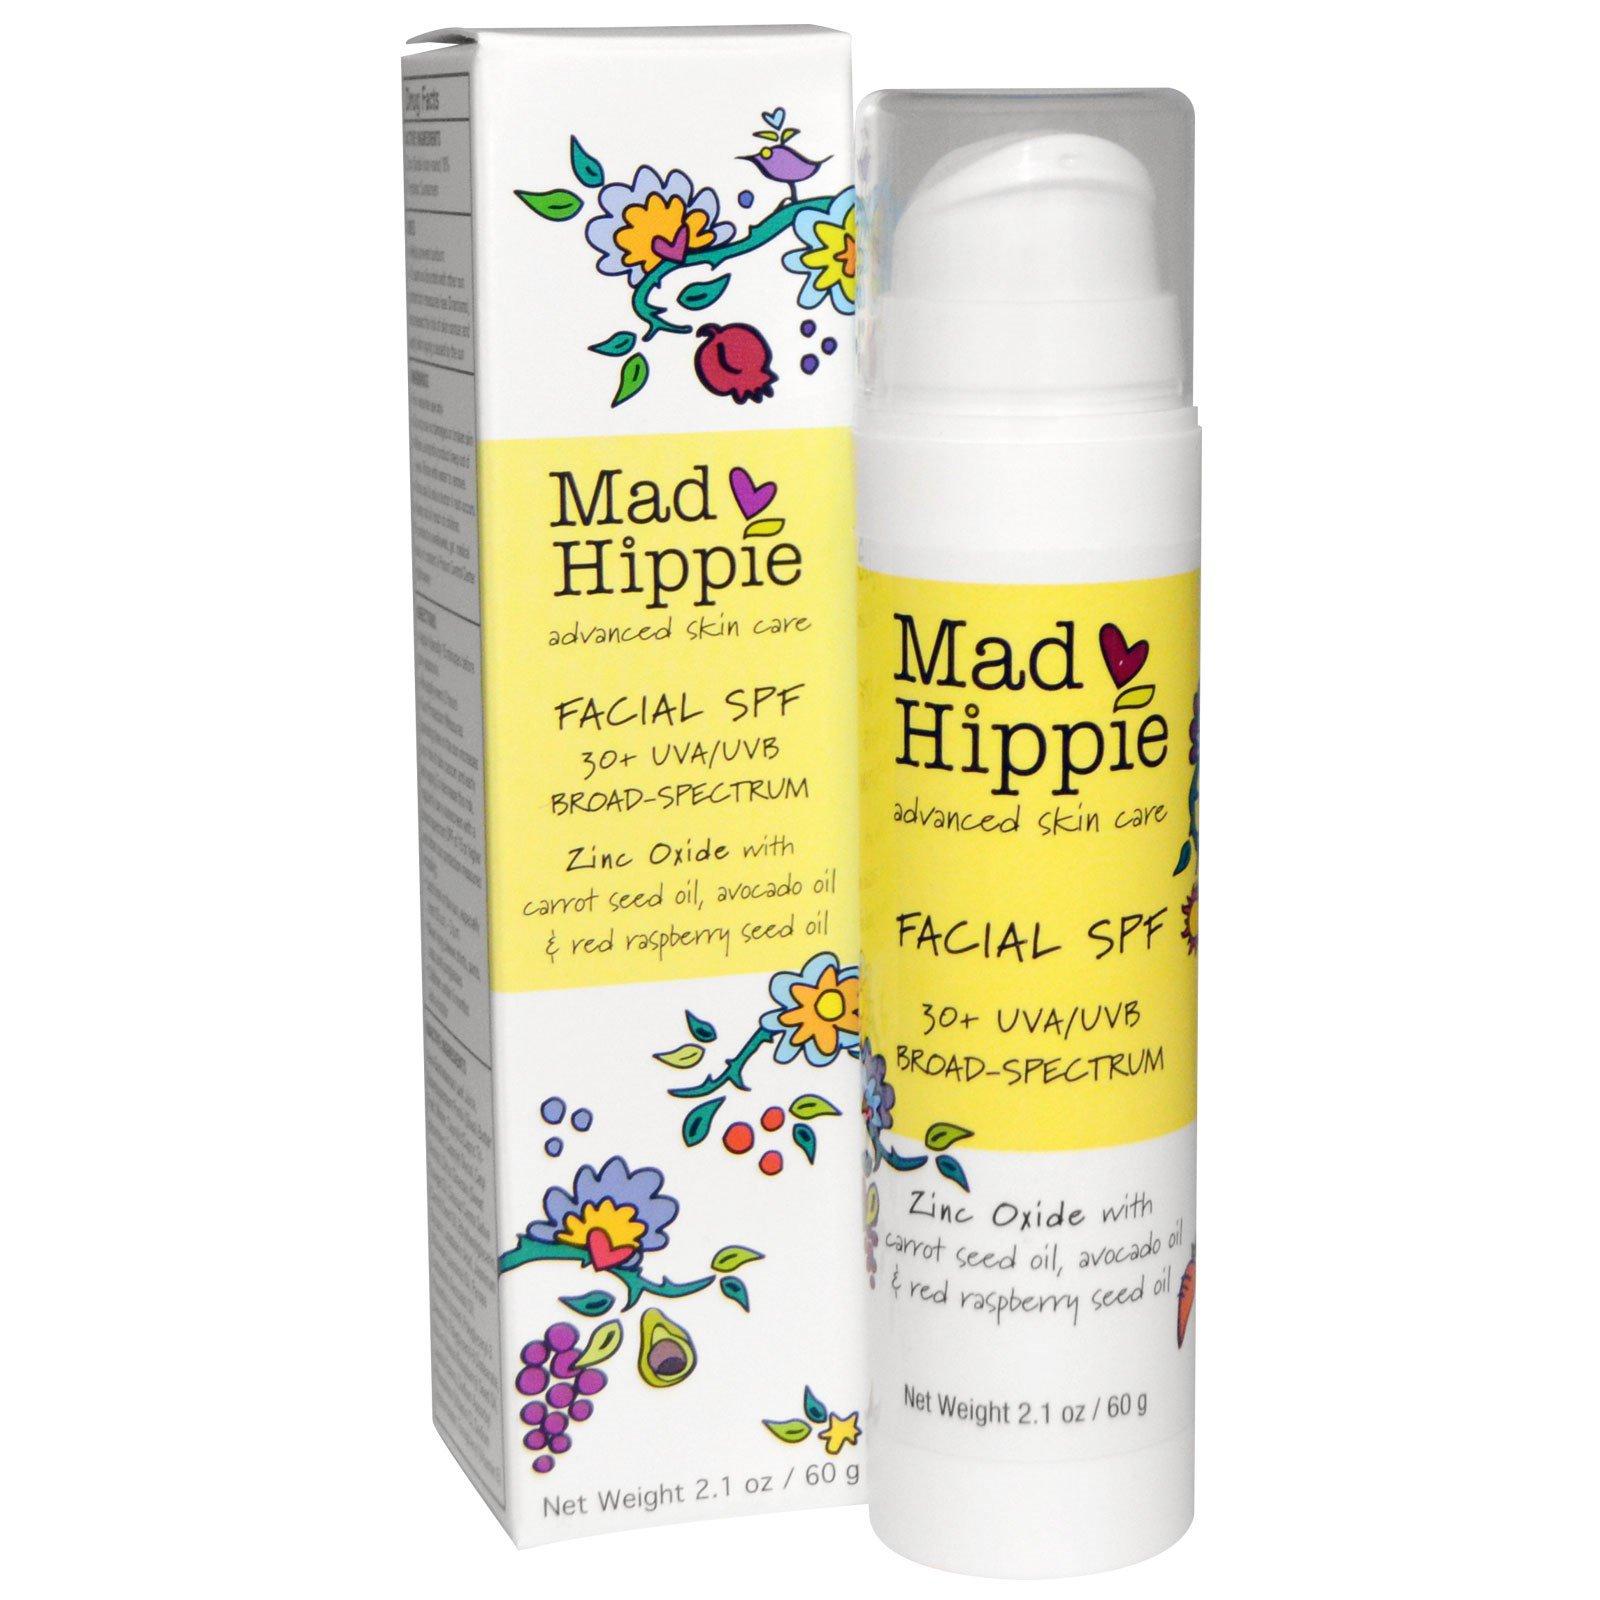 Mad Hippie Facial SPF 30+ UVA/ UVB